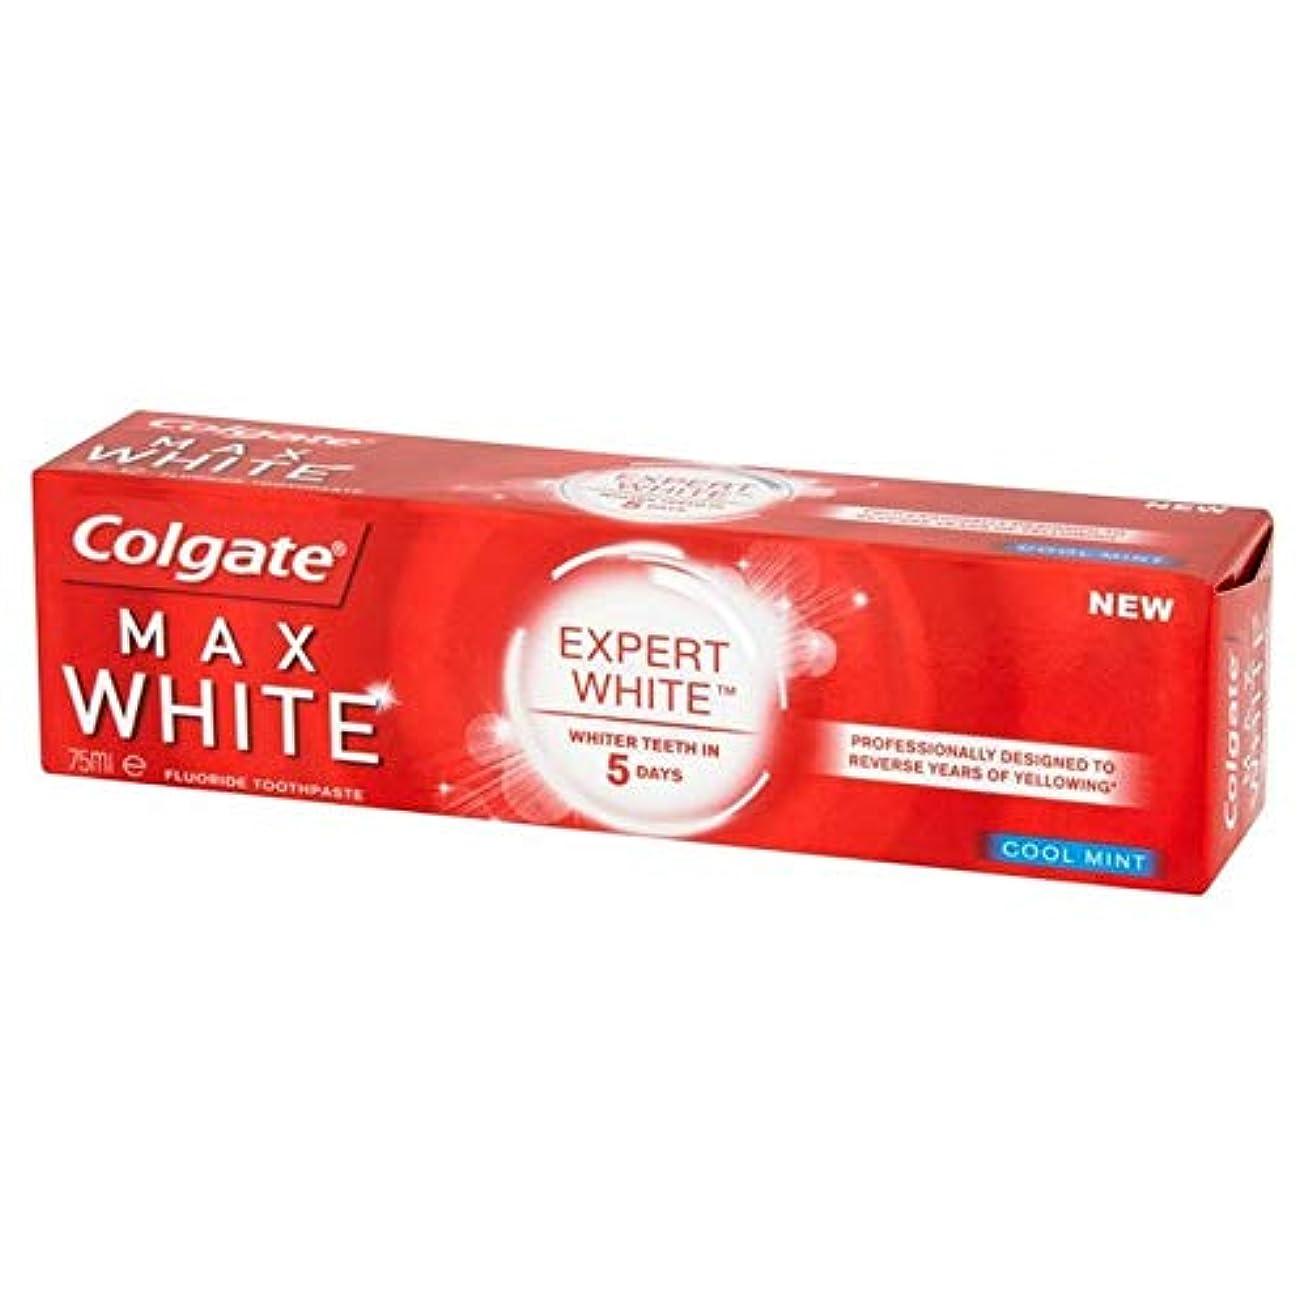 幸運落ち着いた才能[Colgate ] コルゲート最大白の専門家クールミントホワイトニング歯磨き粉75ミリリットル - Colgate Max White Expert Cool Mint Whitening Toothpaste 75ml...